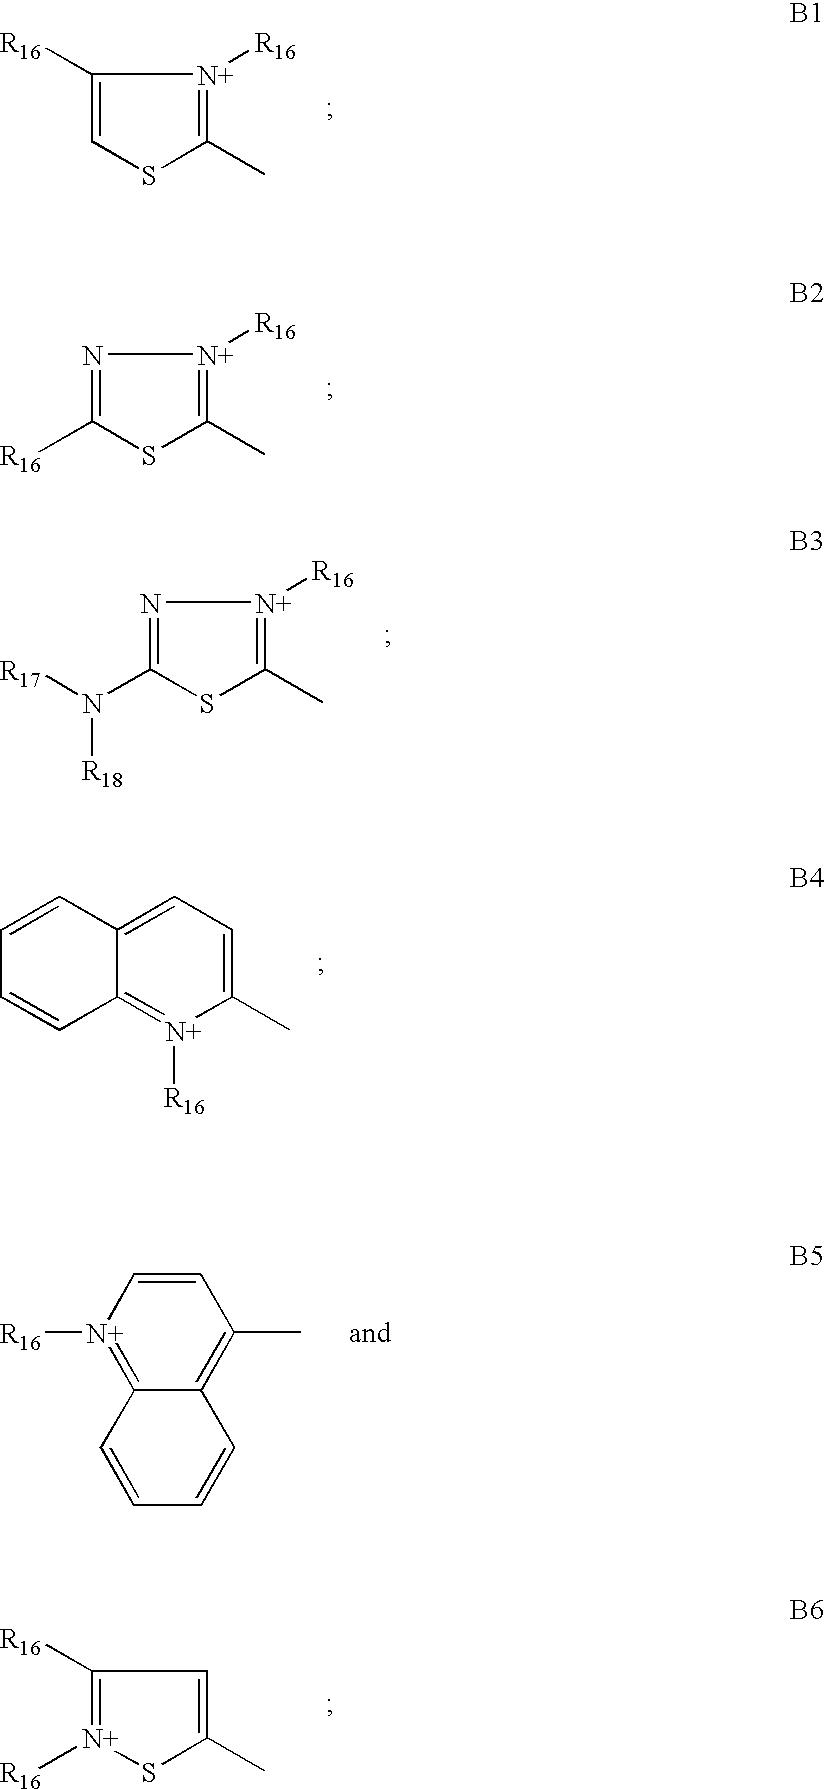 Figure US20040181883A1-20040923-C00039